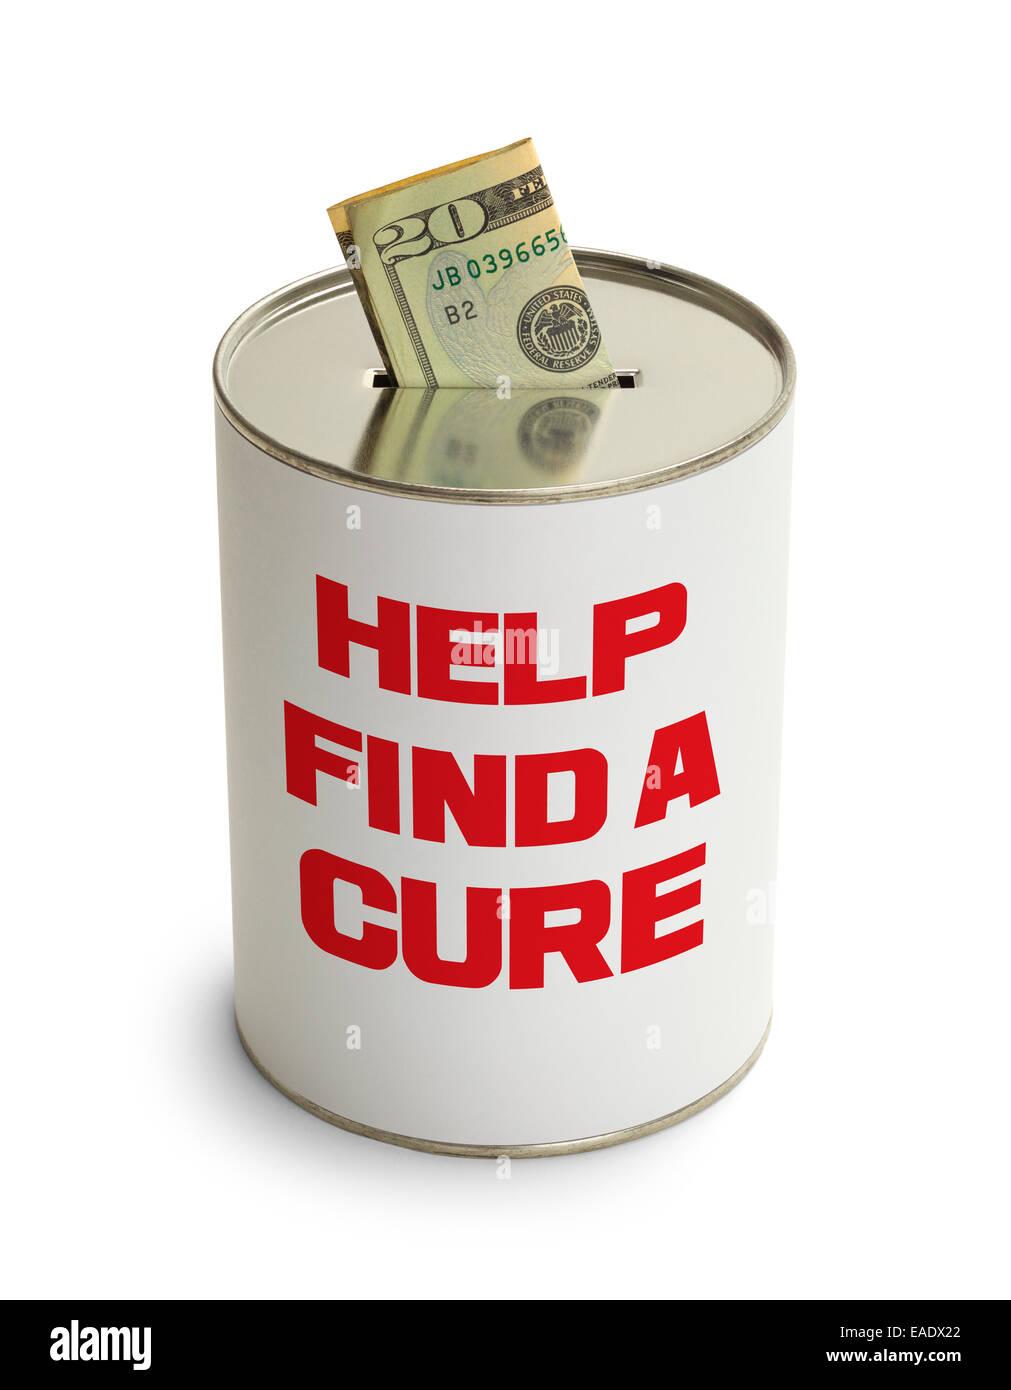 Finden Sie eine Heilung Spende isolierten auf weißen Hintergrund. Stockbild